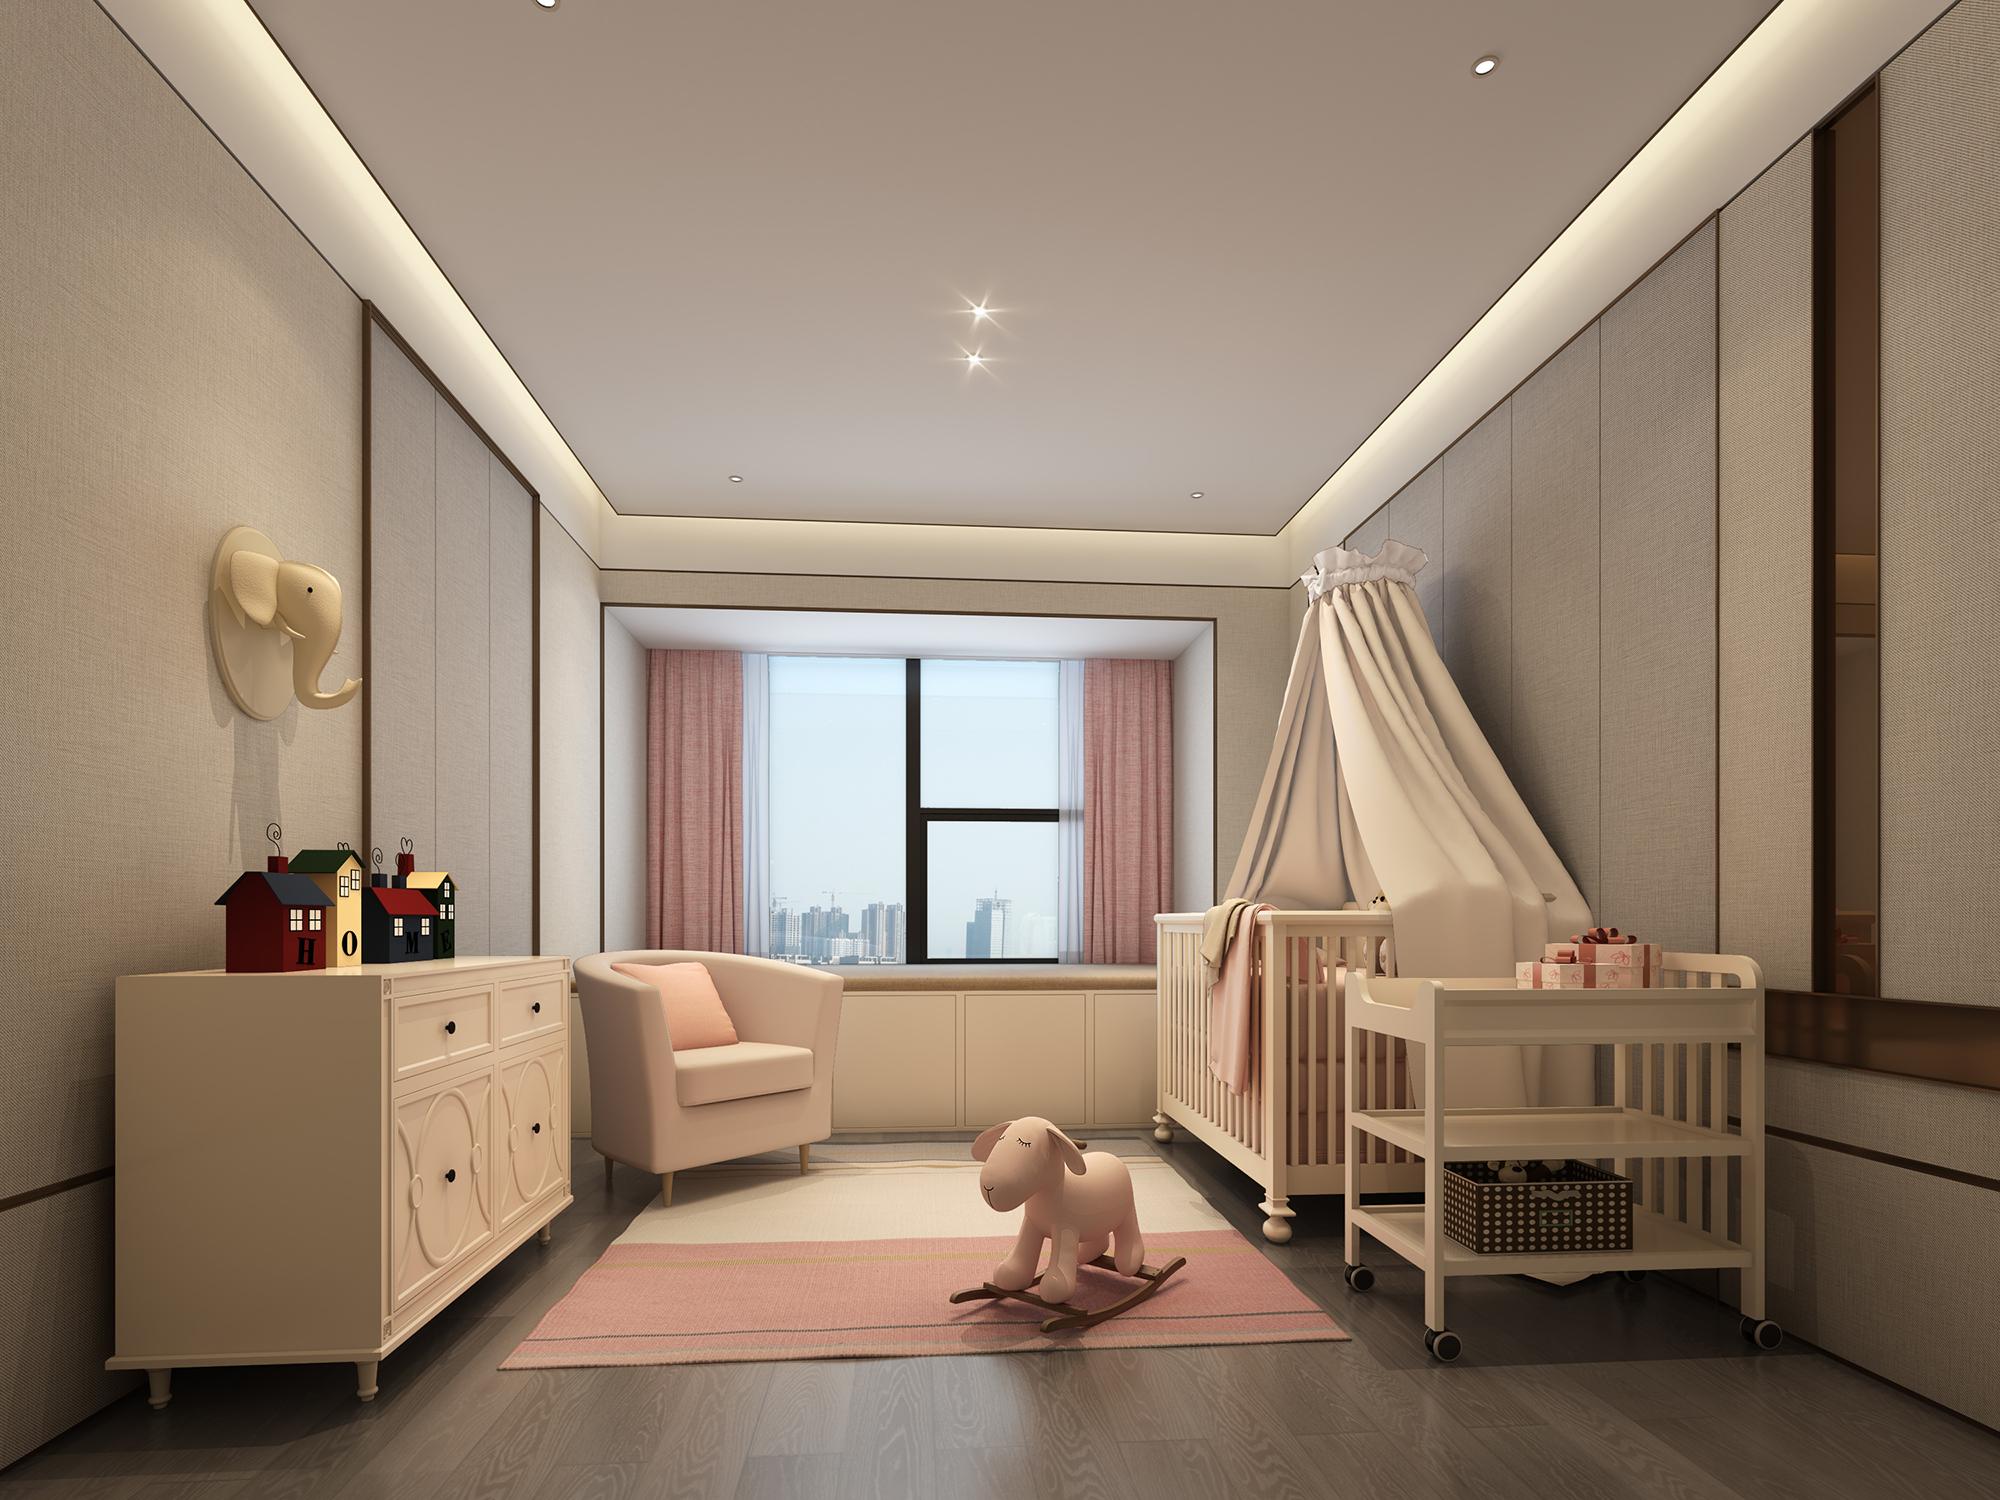 深圳华侨城新天鹅堡私宅室内设计/鸿艺源设计